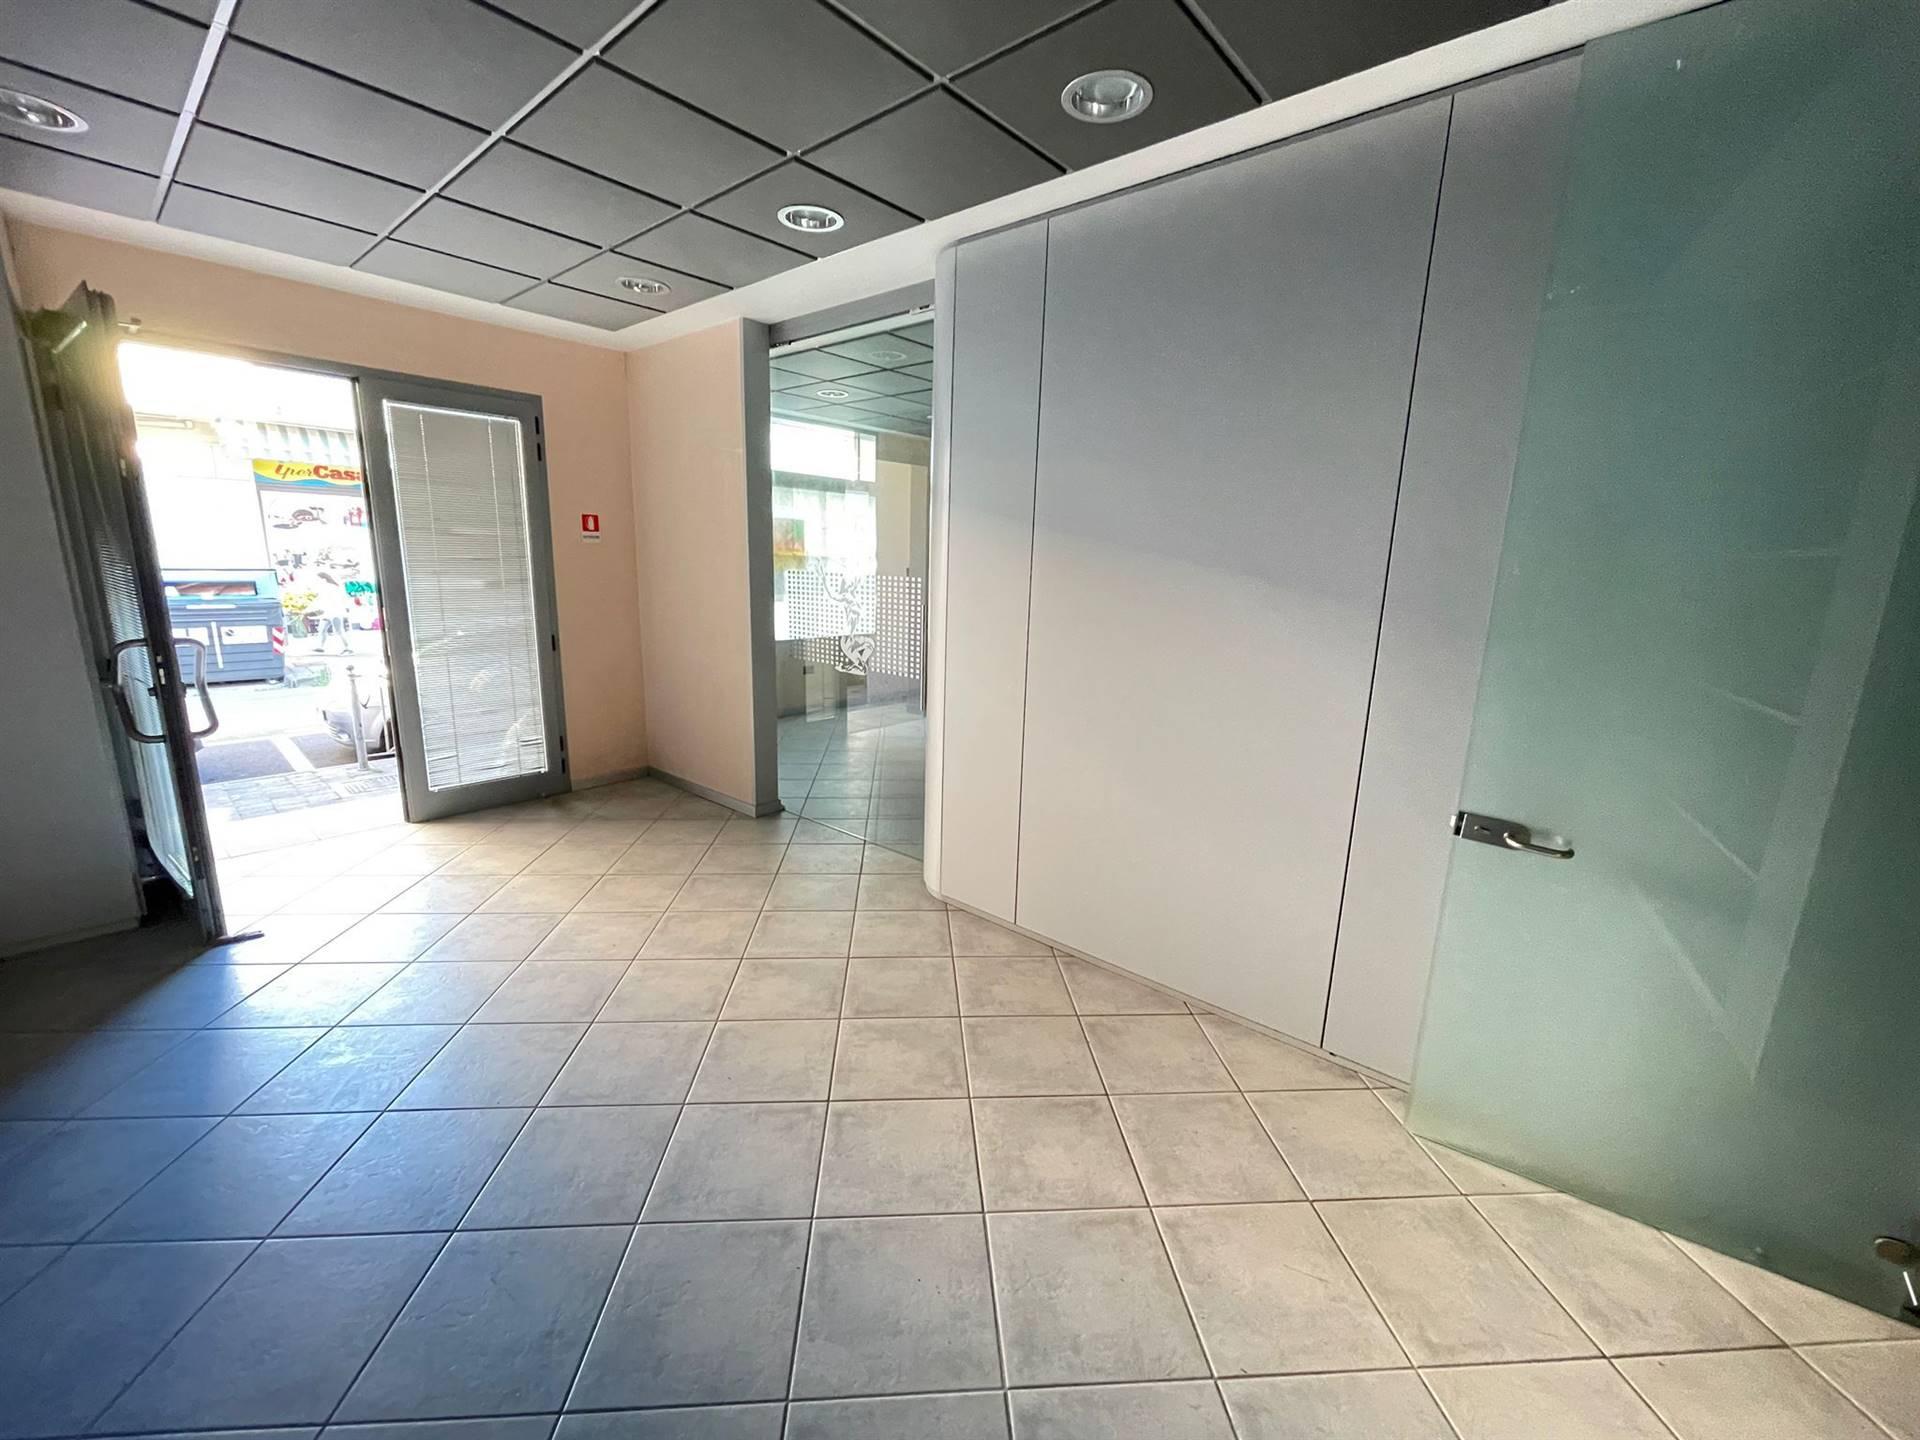 Rif. B306 SOTTOMARINA - Vendesi in zona di forte passaggio ufficio di 95 m. al piano rialzato in ottime condizioni composto da: ingresso, tre stanze,